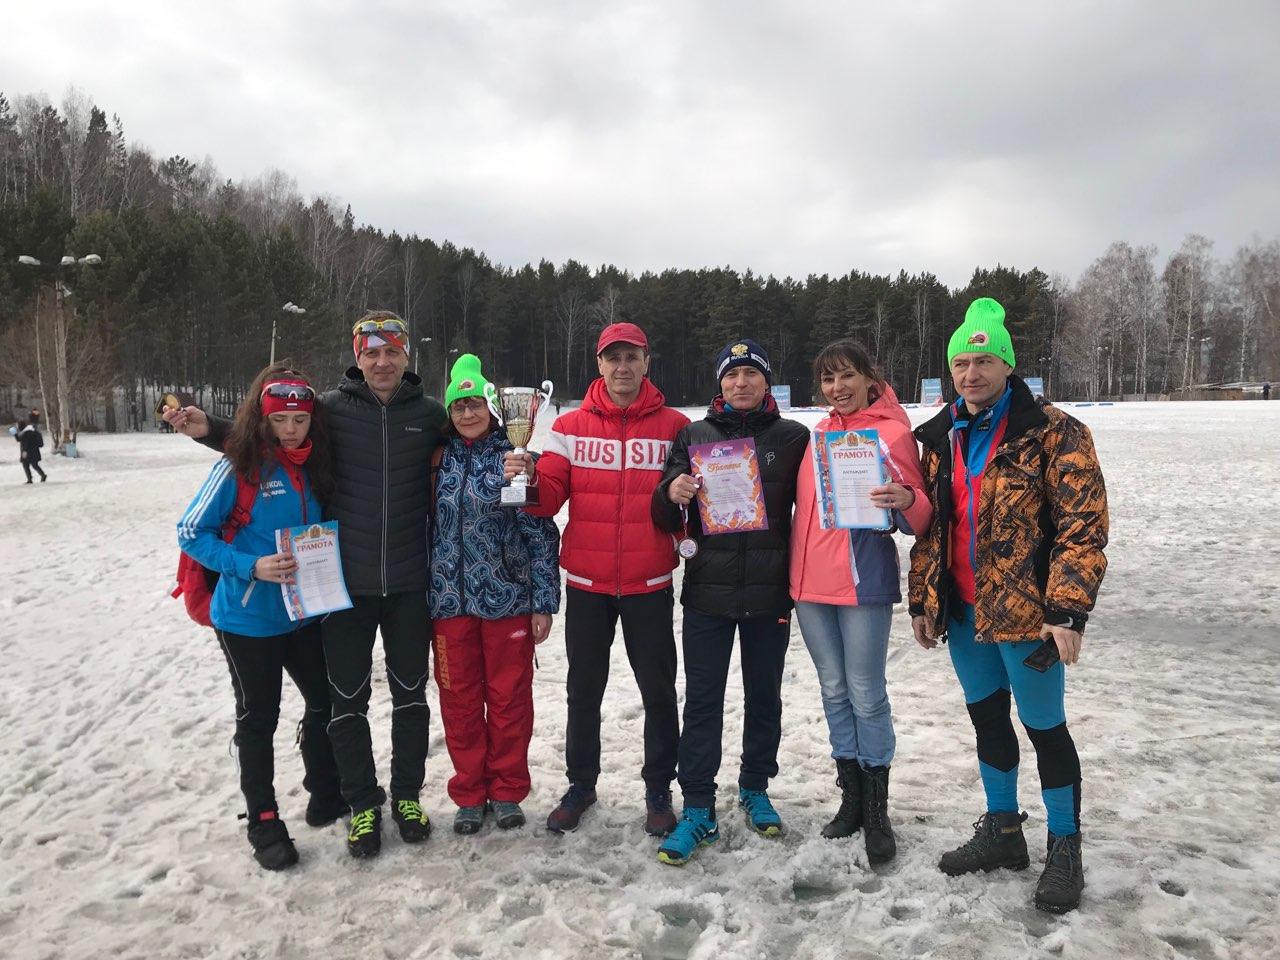 XVIII Спартакиада трудящихся. Лыжные гонки 16 марта 2019